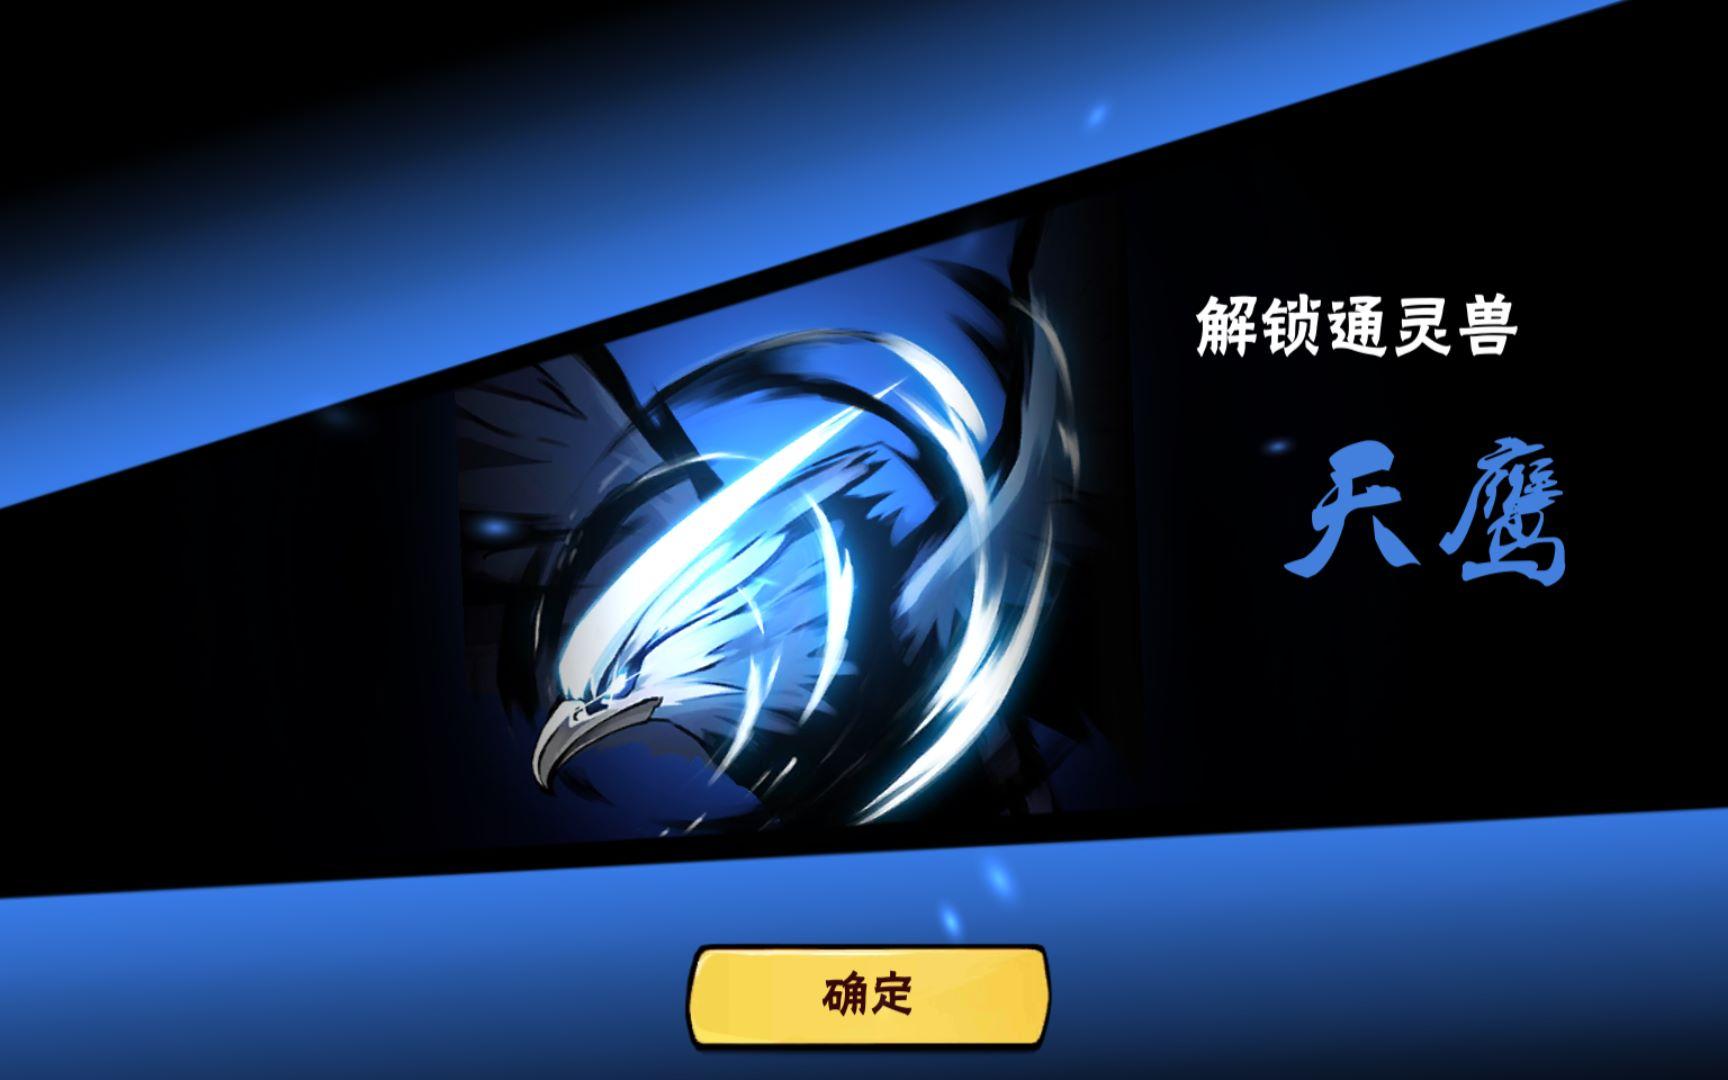 【忍者必须死3】通灵兽天鹰跟雷龙的攻击方式是怎样的?